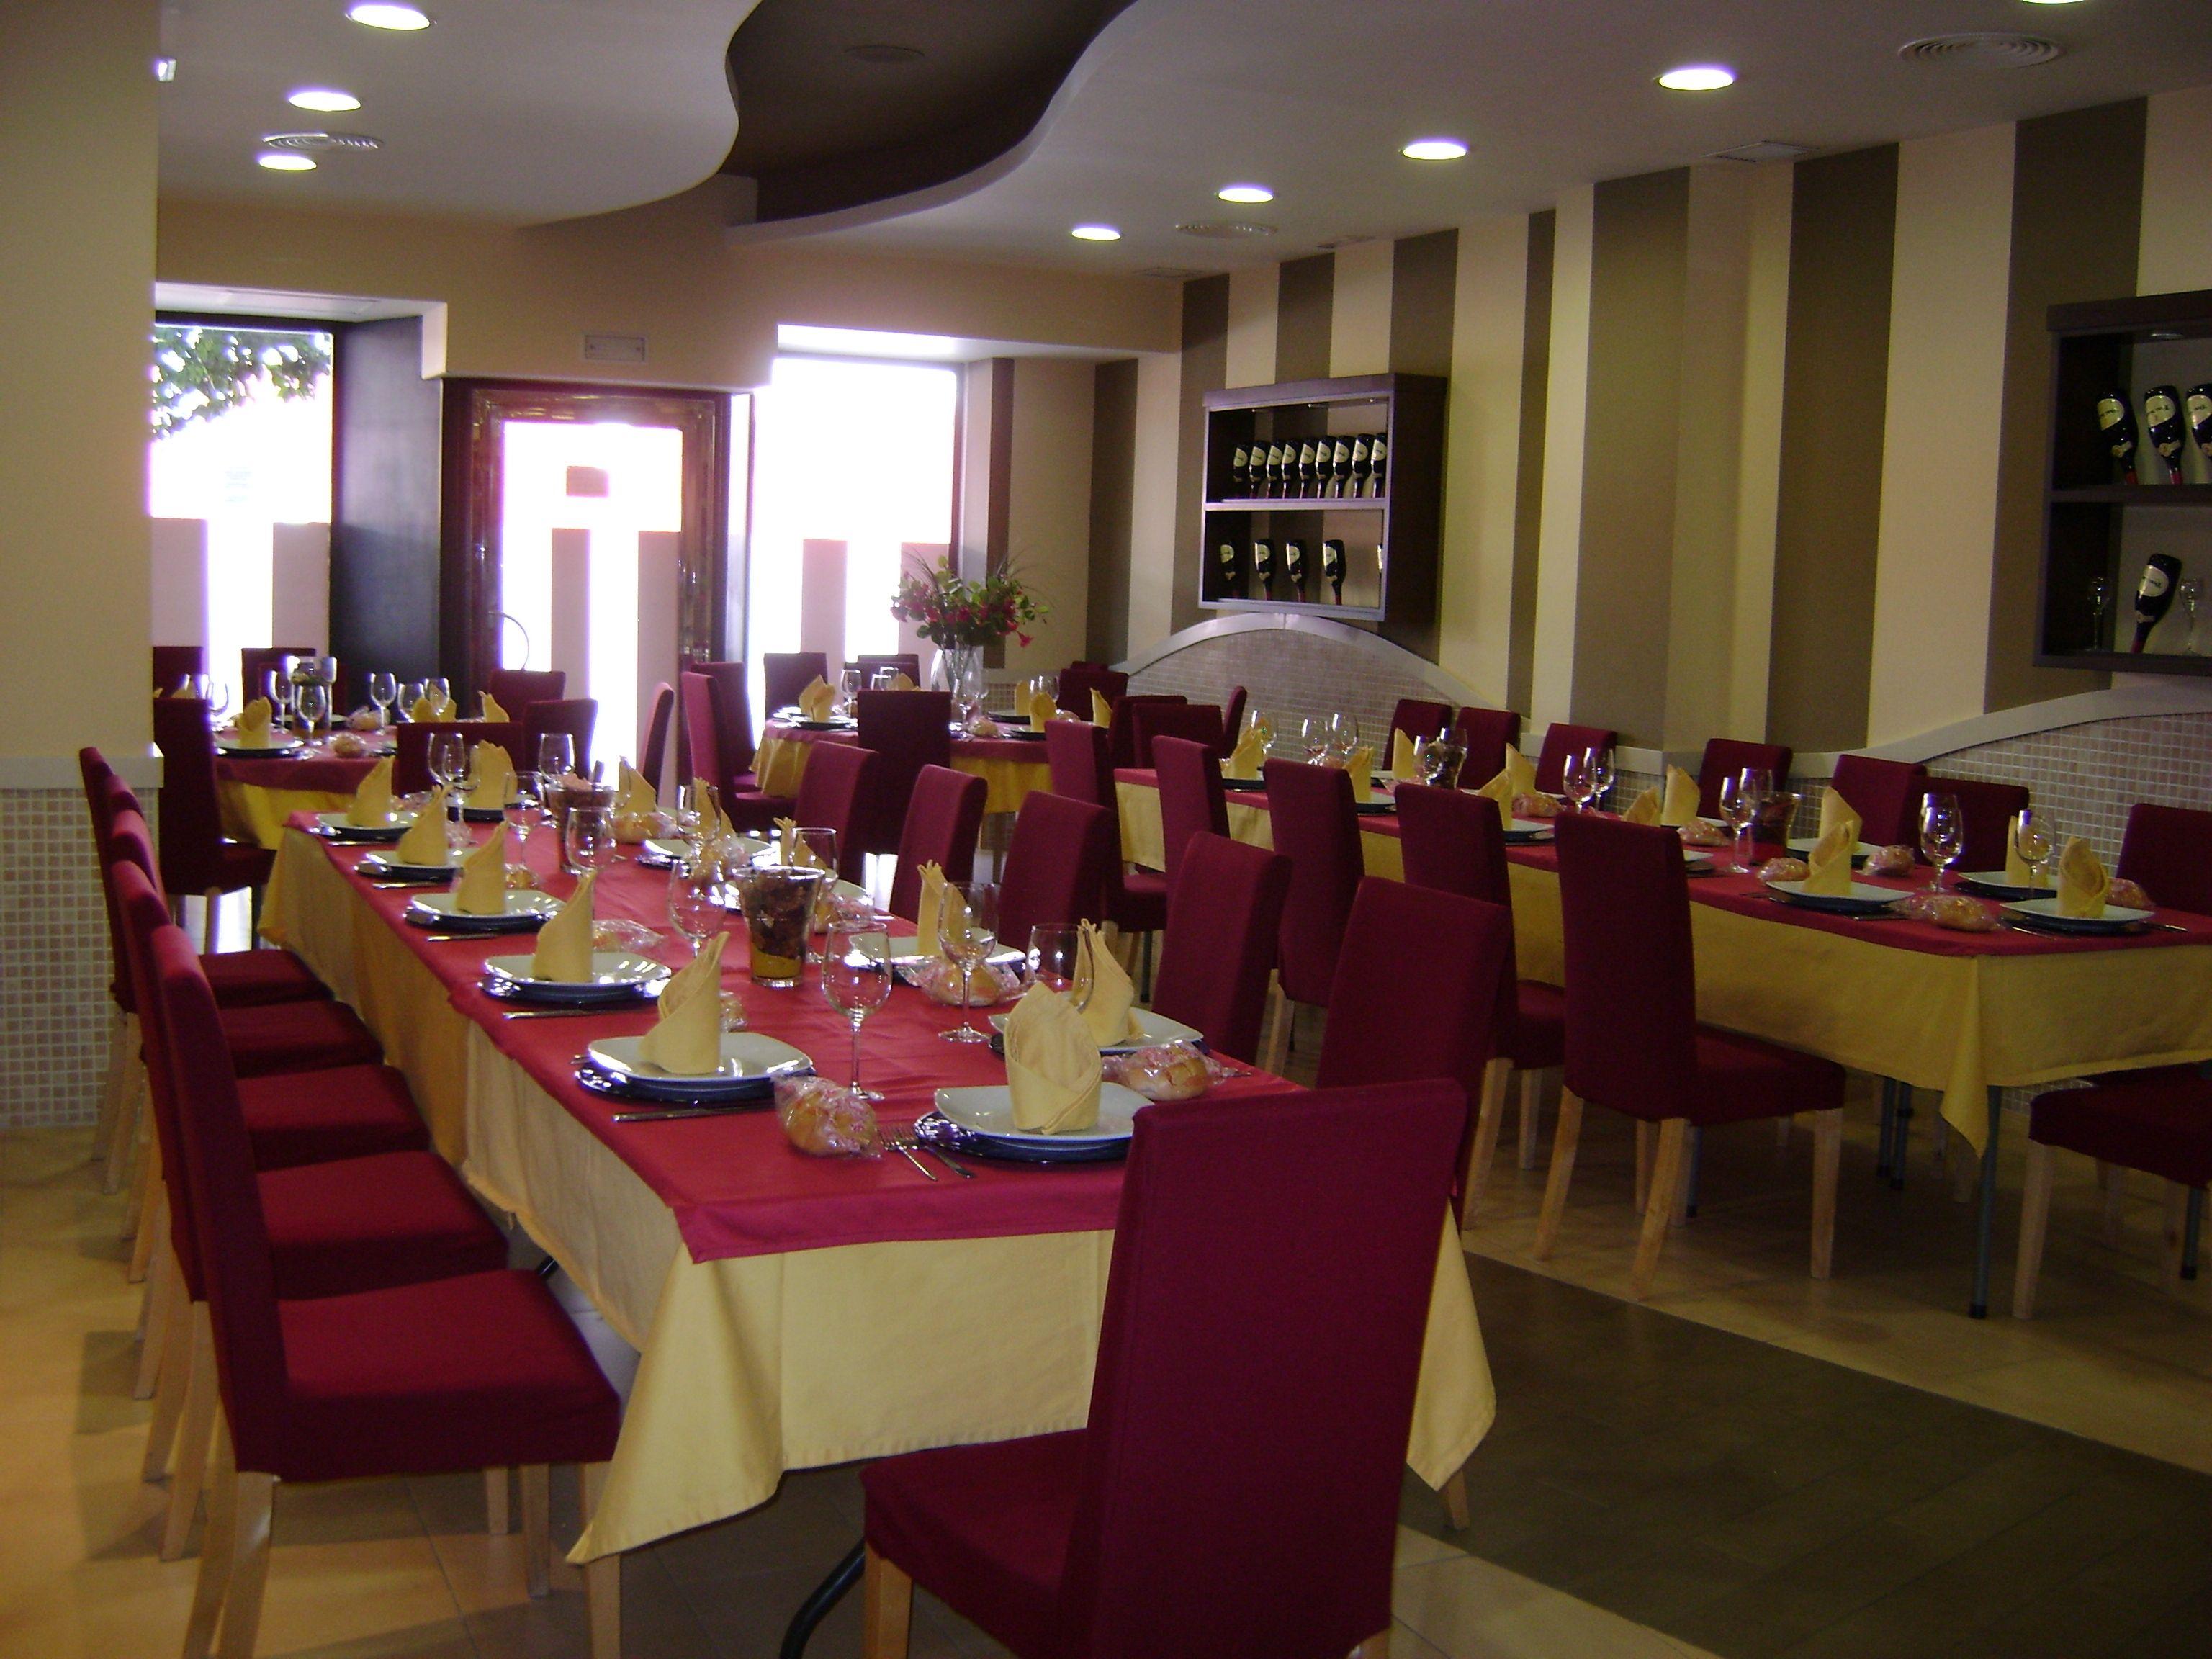 Restaurante para celebraciones en Sevilla